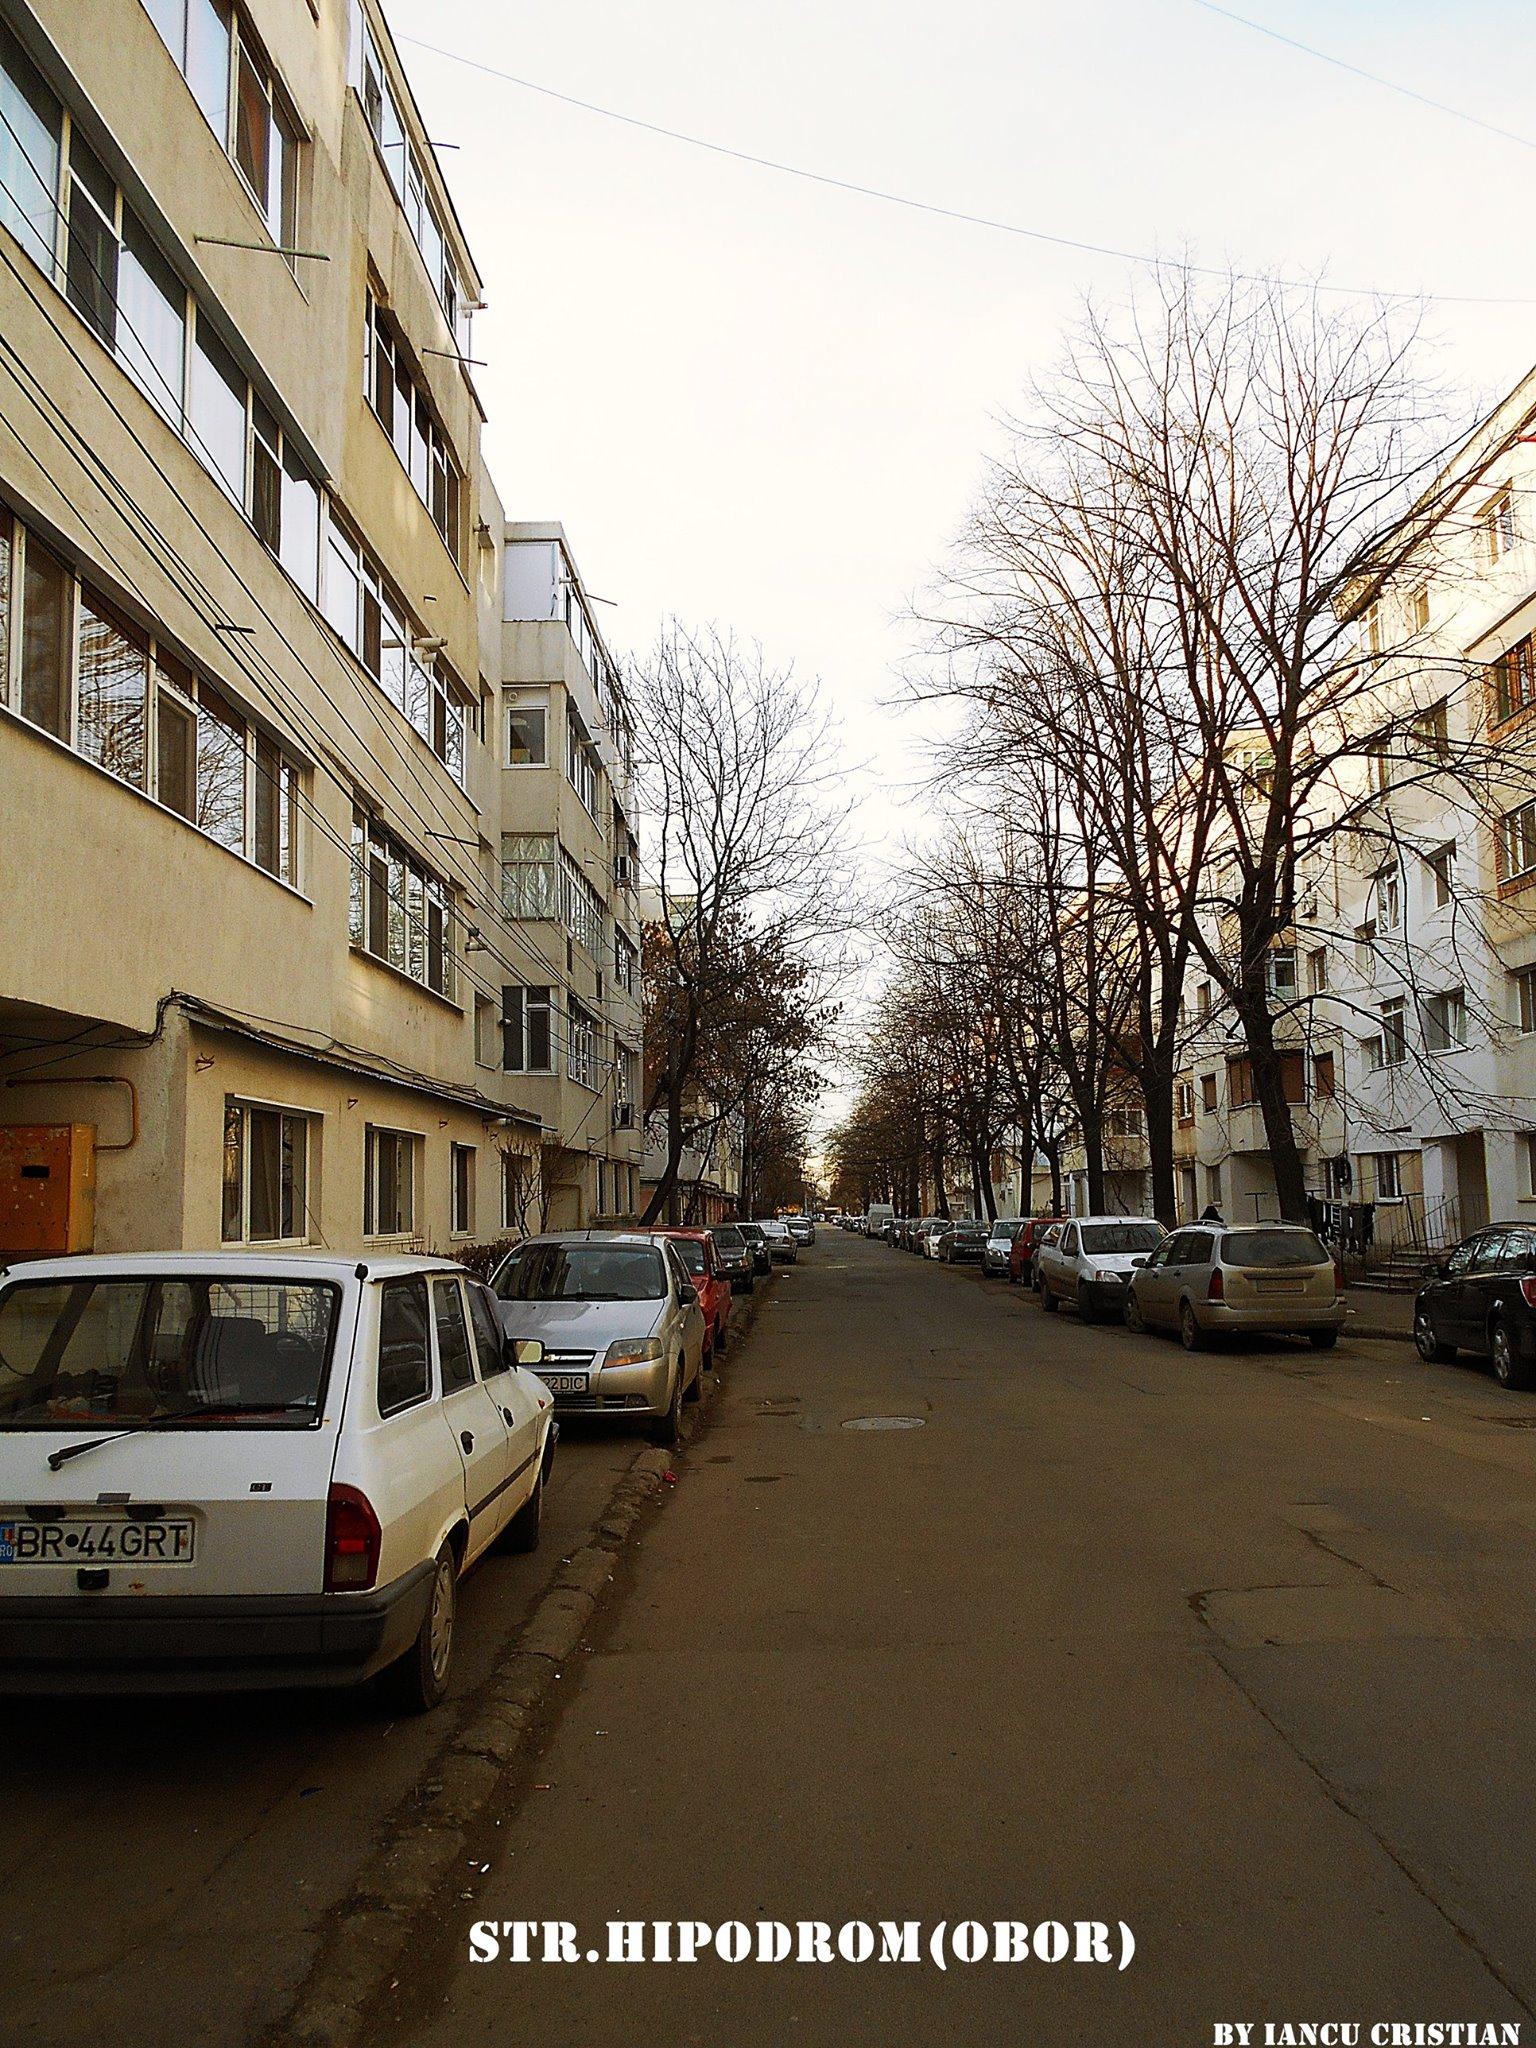 Ne plimbăm puțin și prin cartierul Obor - Brăila